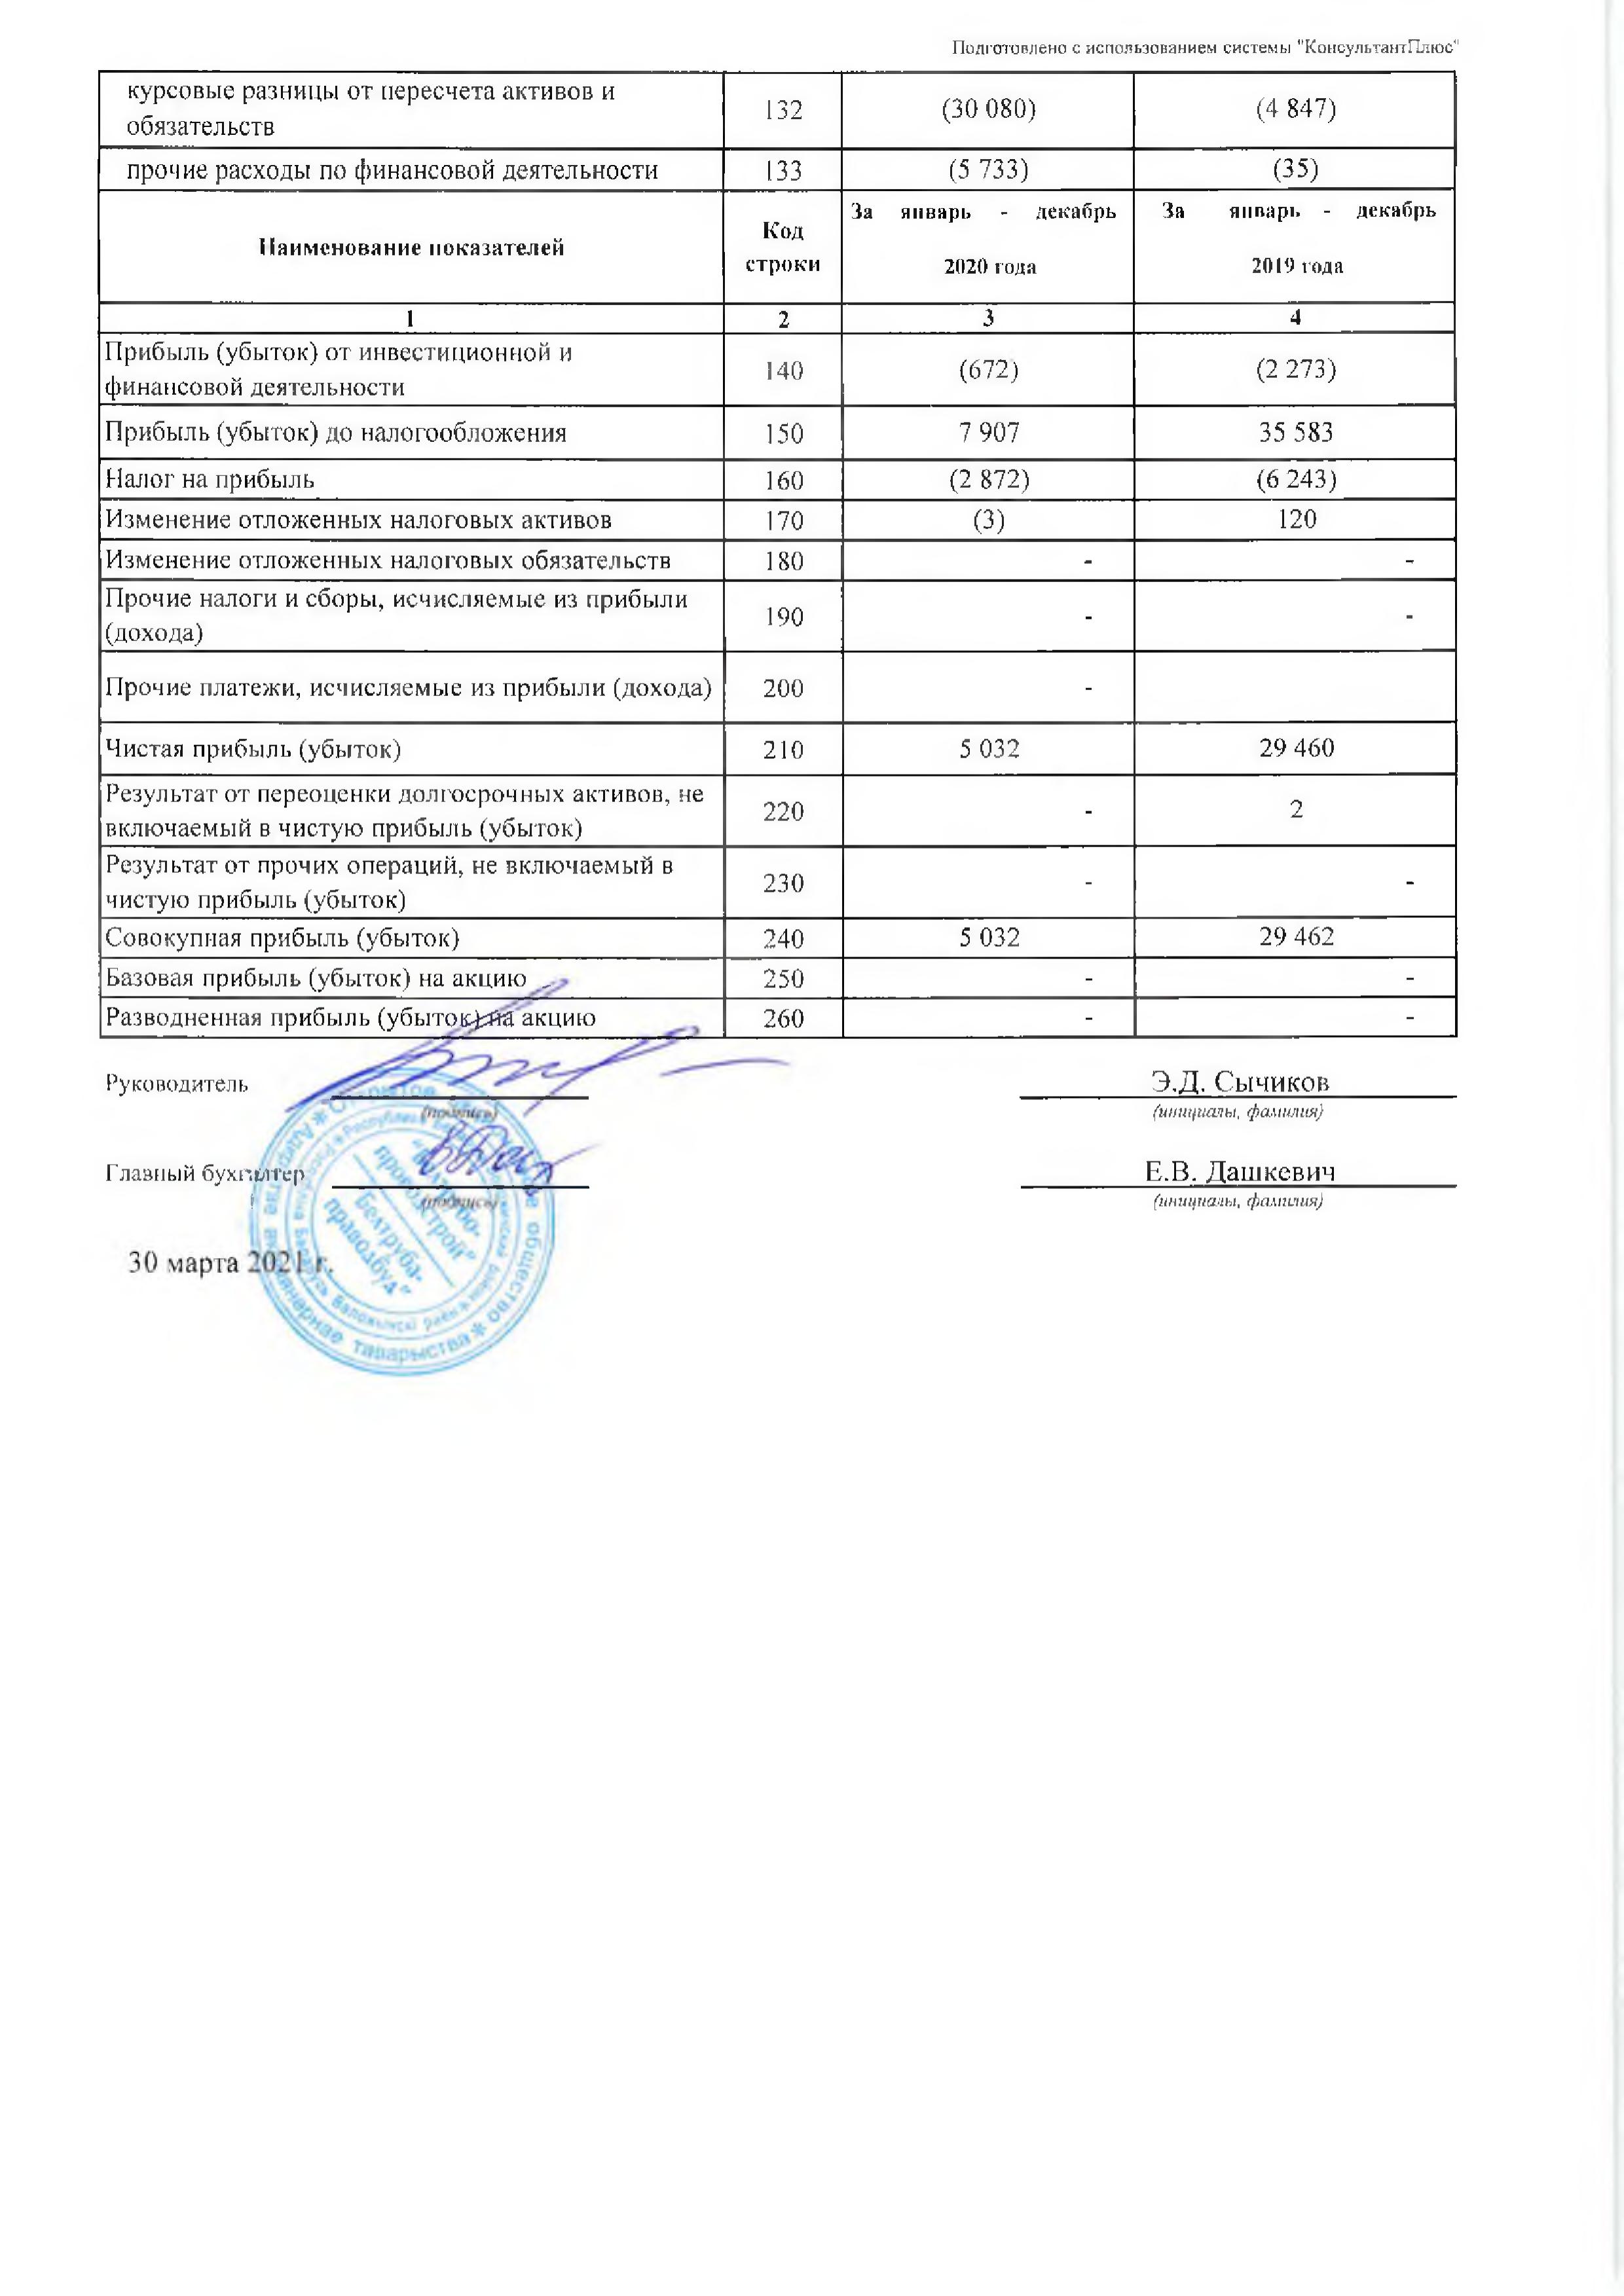 Годовой отчет ОАО Белтрубопроводстрой за 2021_04